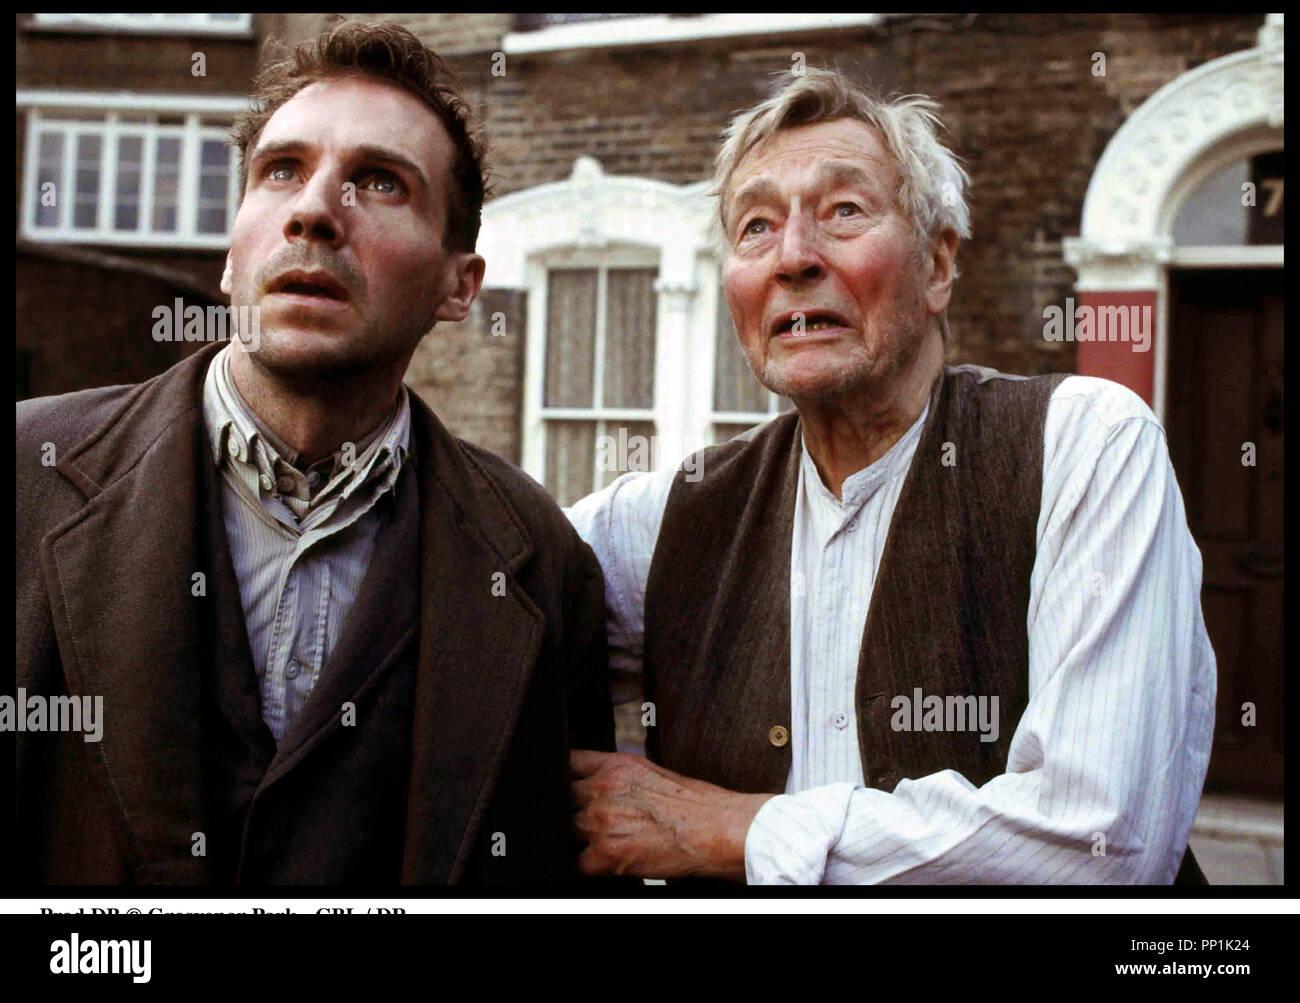 Prod DB © Grosvenor Park - CBL / DR SPIDER (SPIDER) de David Cronenberg 2002 USA avec Ralph Fiennes et John Neville d'apres le roman de Patrick McGrath - Stock Image